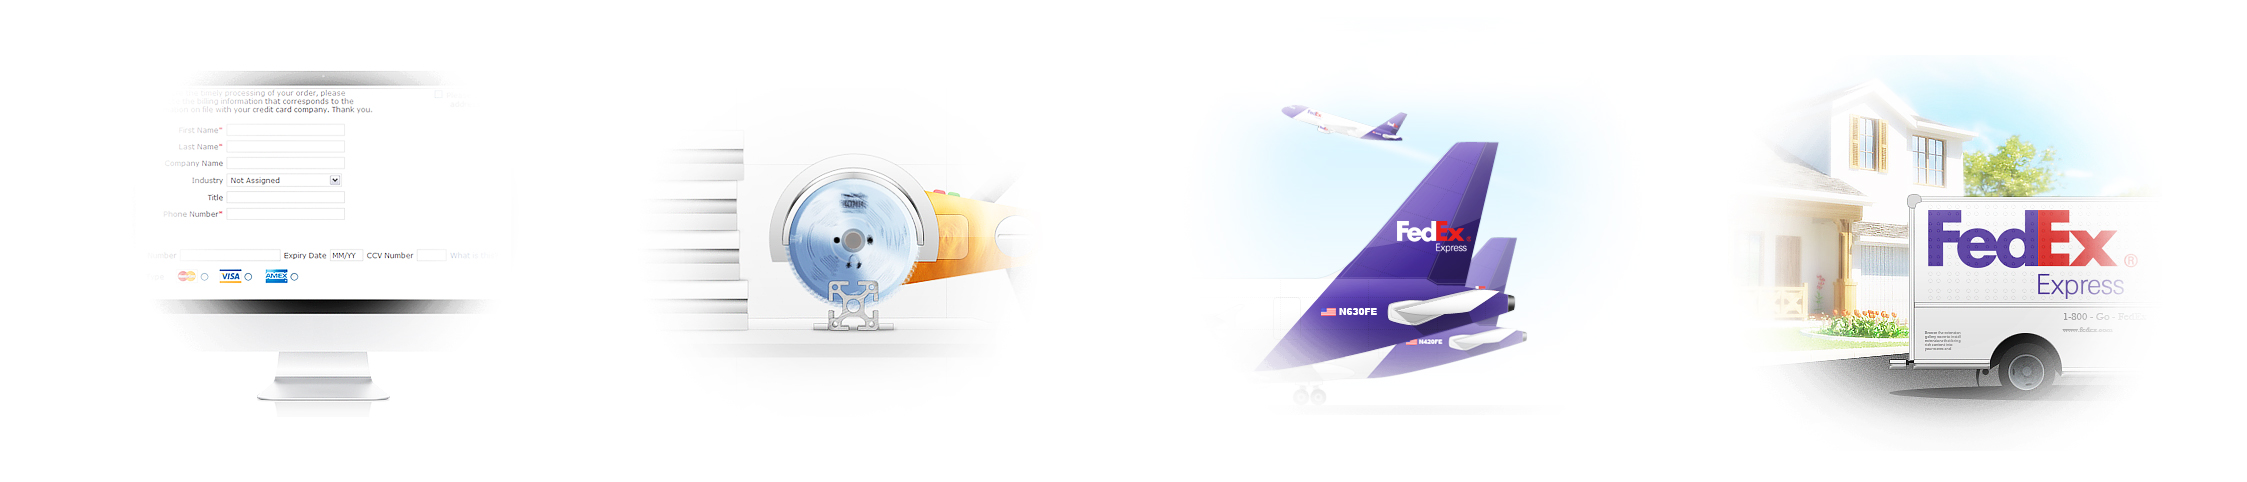 Иллюстрации для сайта FramExpert